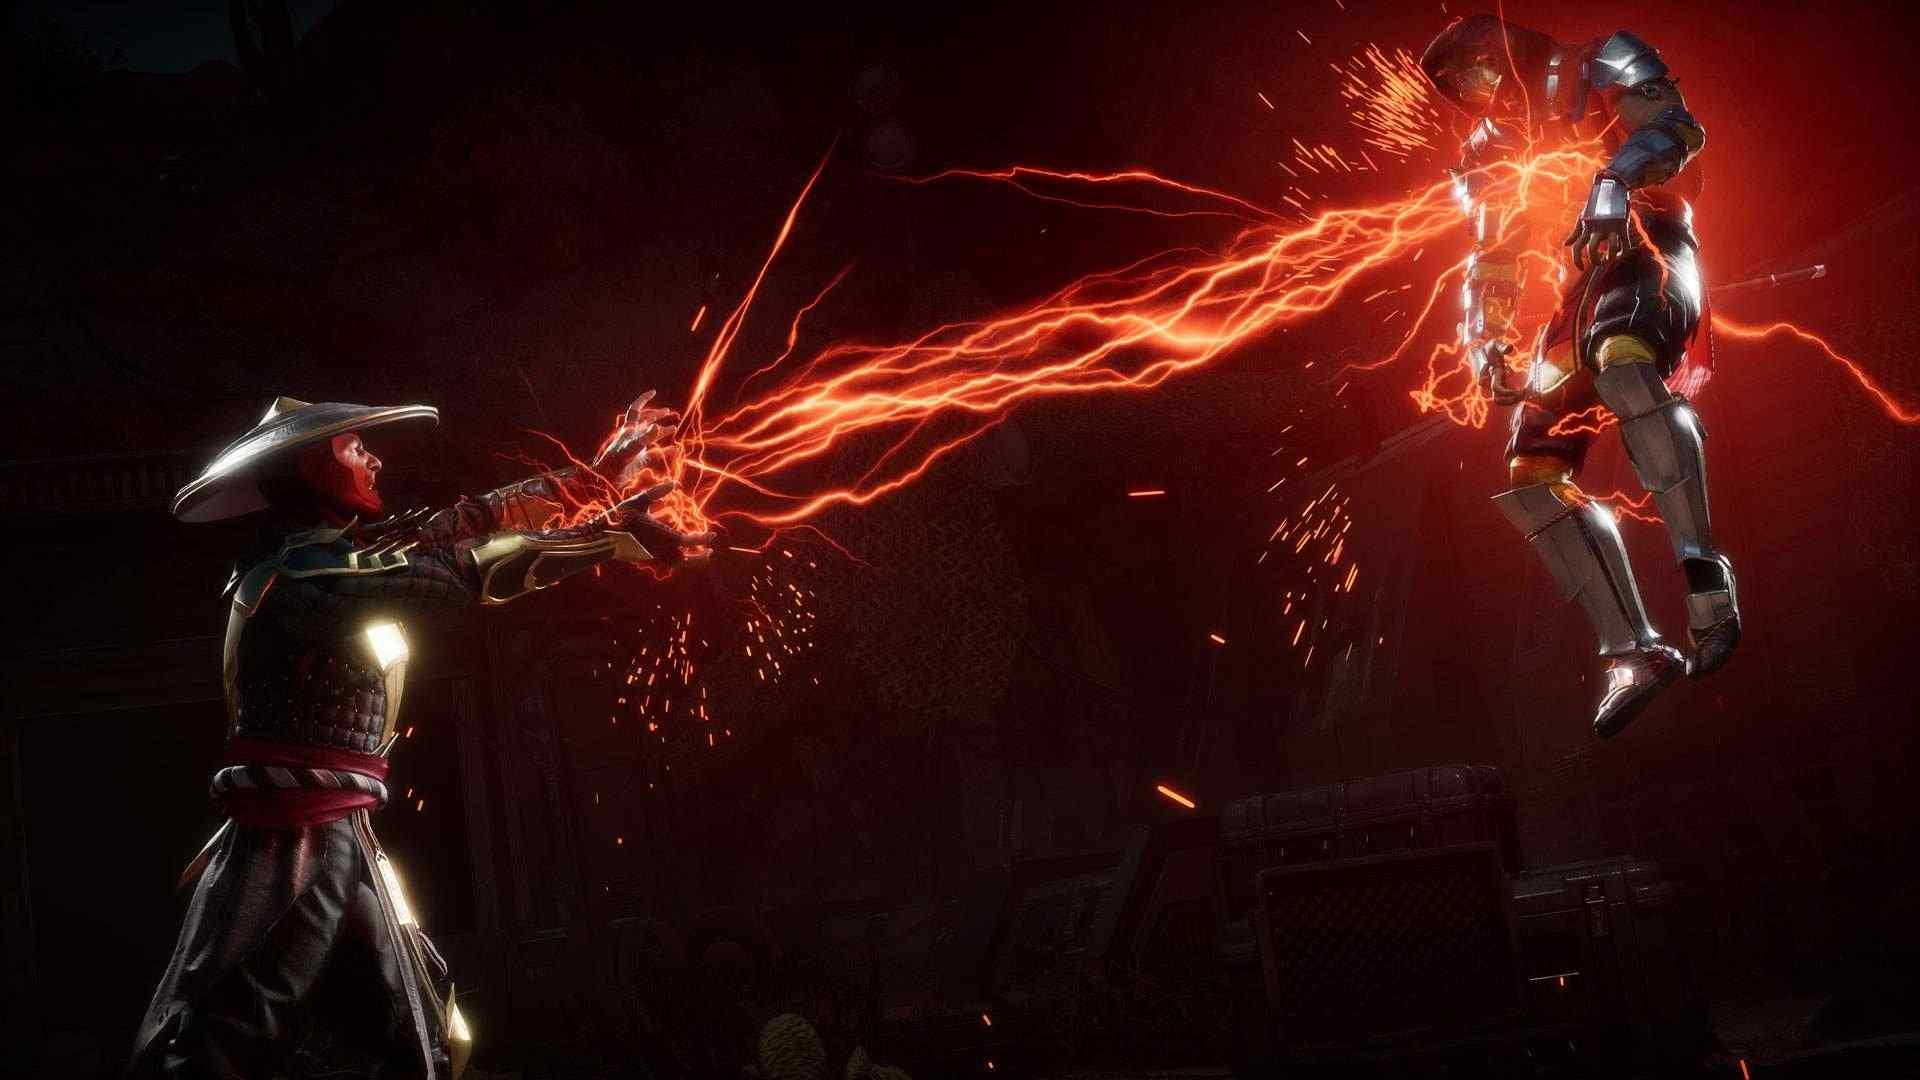 Captura de tela do jogo Mortal Kombat 11 mostrando o personagem Raiden soltando raios vermelhos em Scorpion